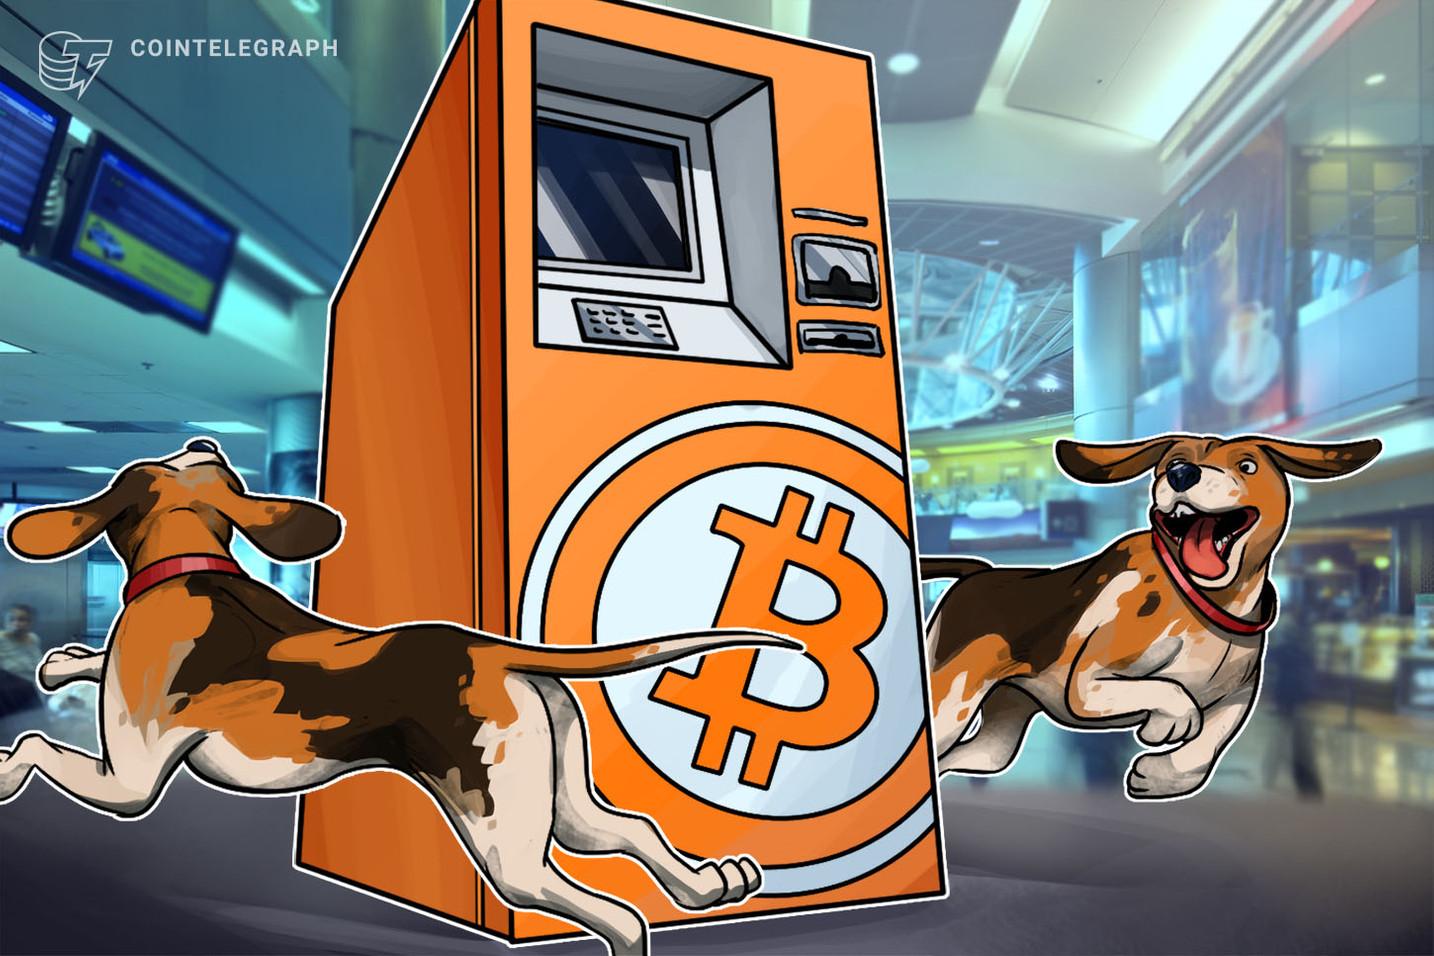 Aeroporto Internacional de Miami recebe seu primeiro caixa eletrônico Bitcoin